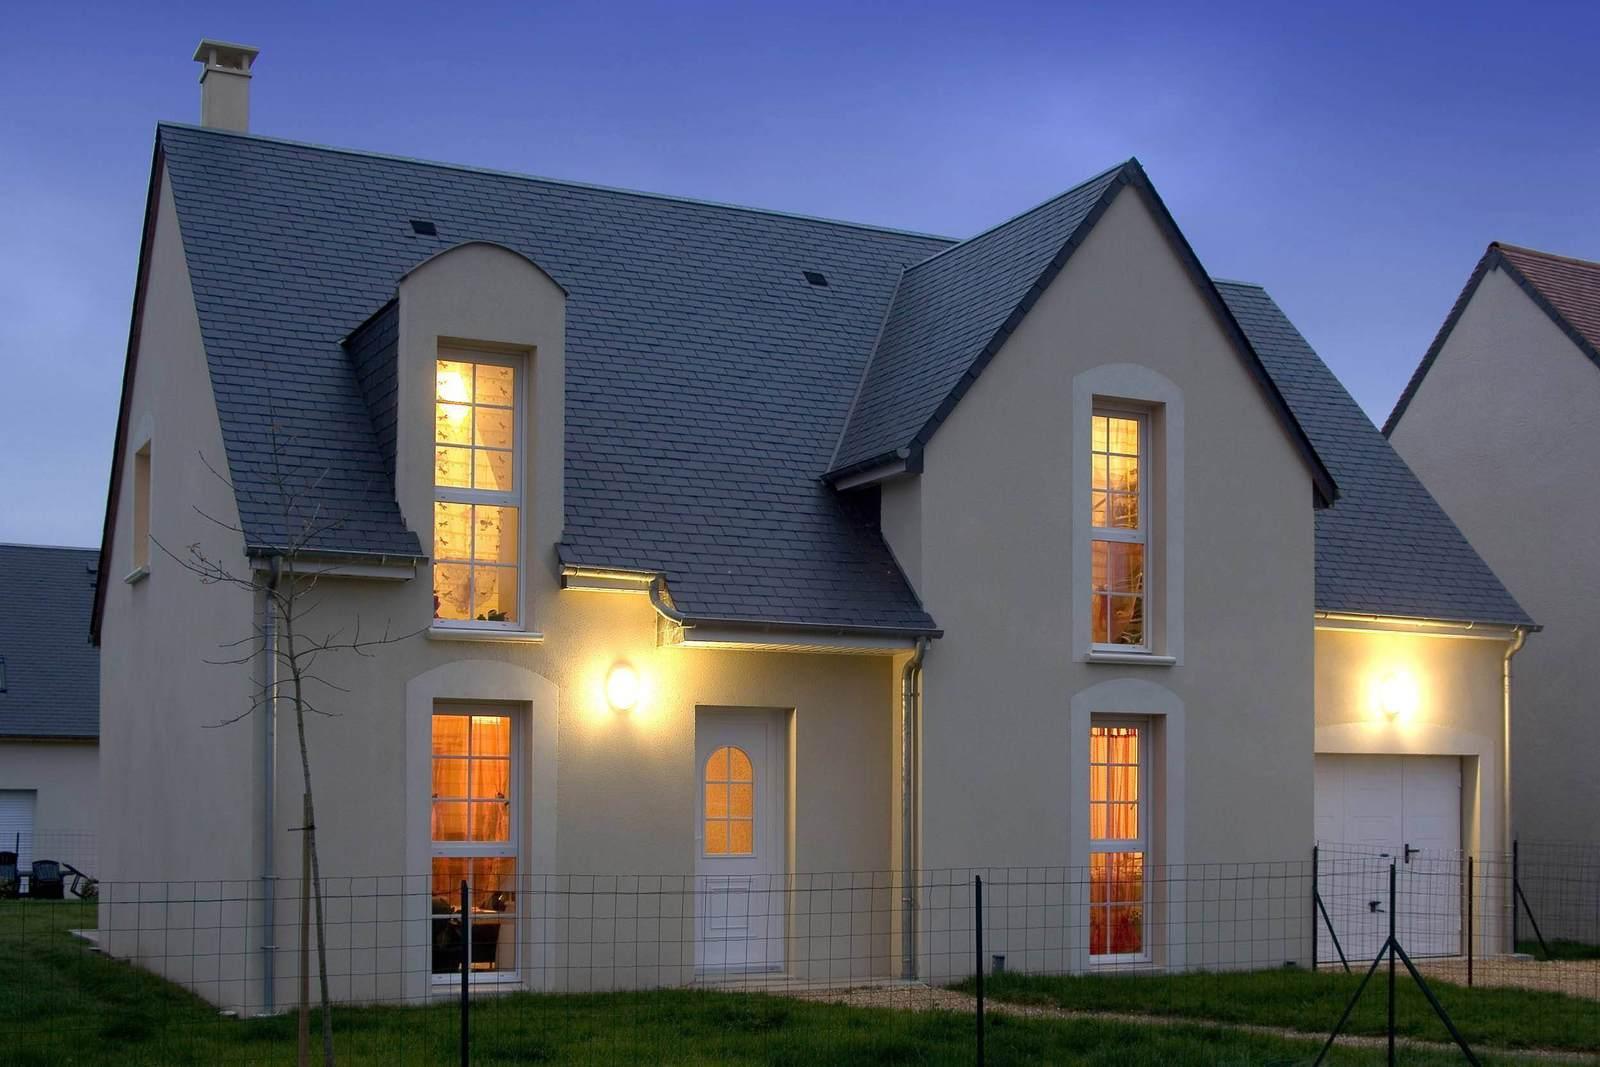 la toiture quelle couverture choisir pour votre maison maisons ericlor. Black Bedroom Furniture Sets. Home Design Ideas